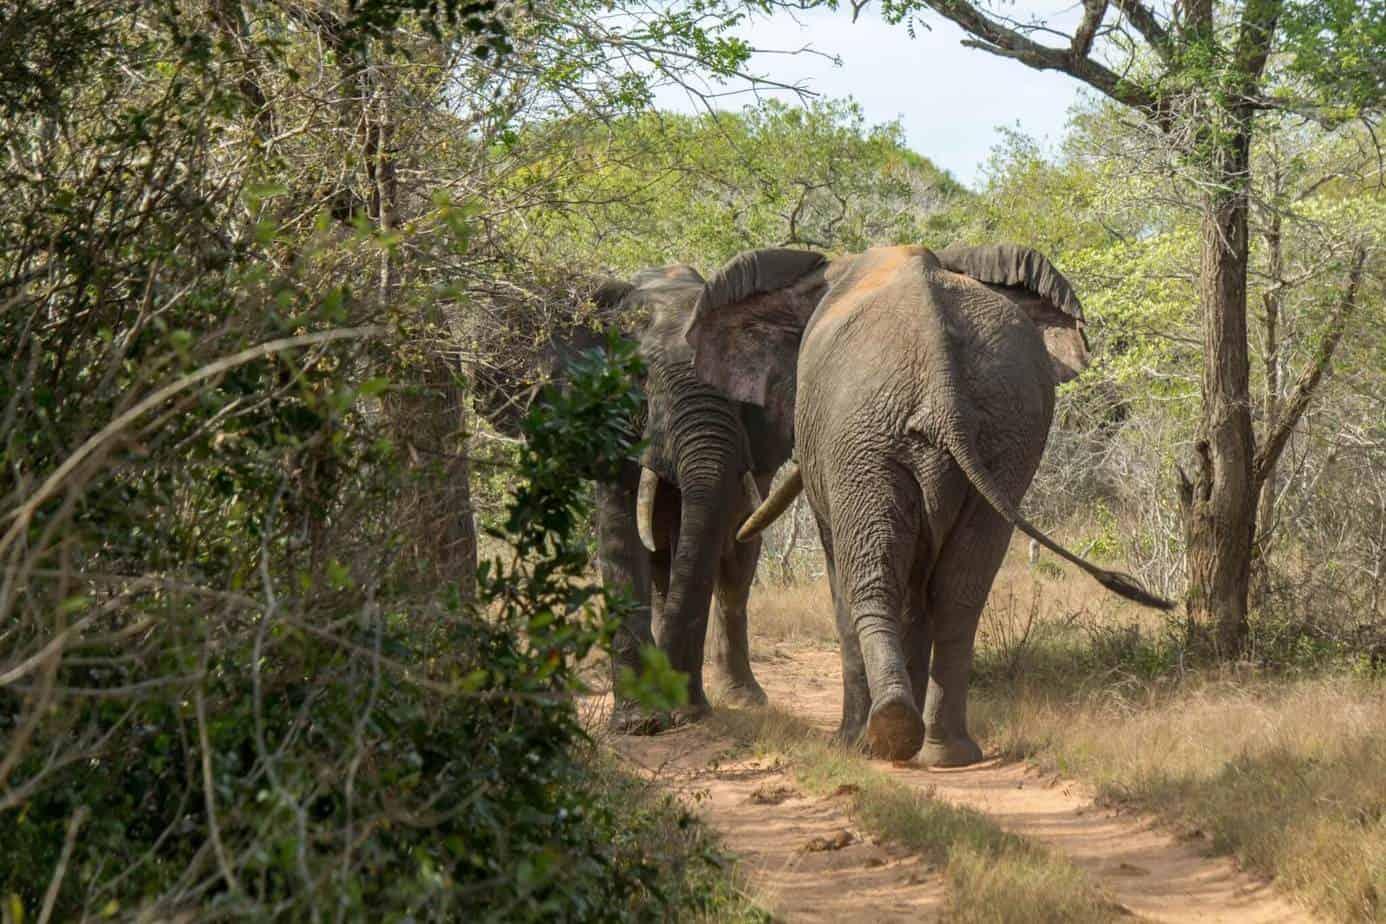 IMG 5594 - Tembe Elephant Park